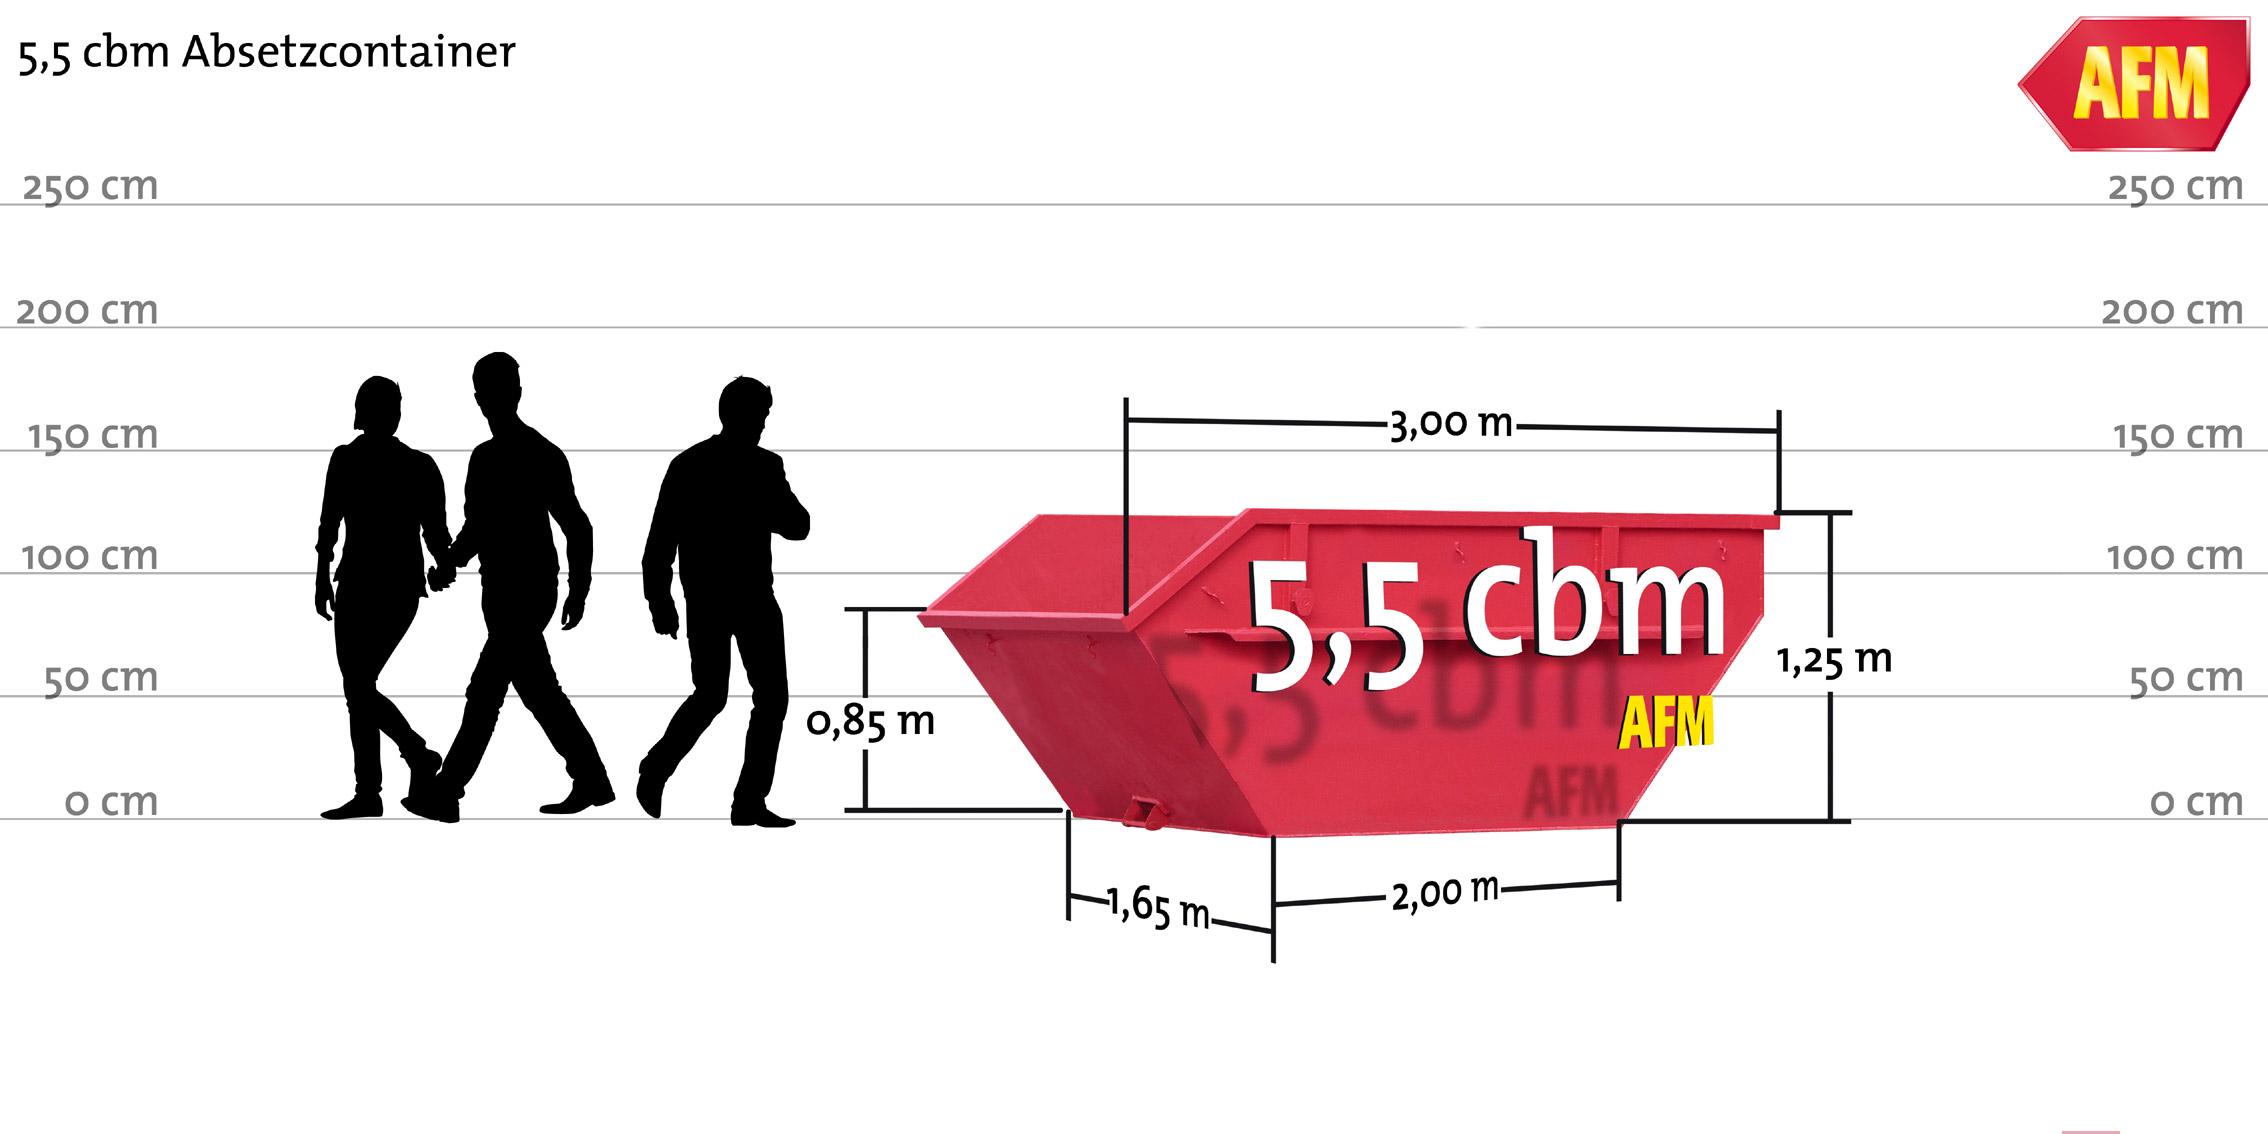 Absetz-Container offen 5,5cbm